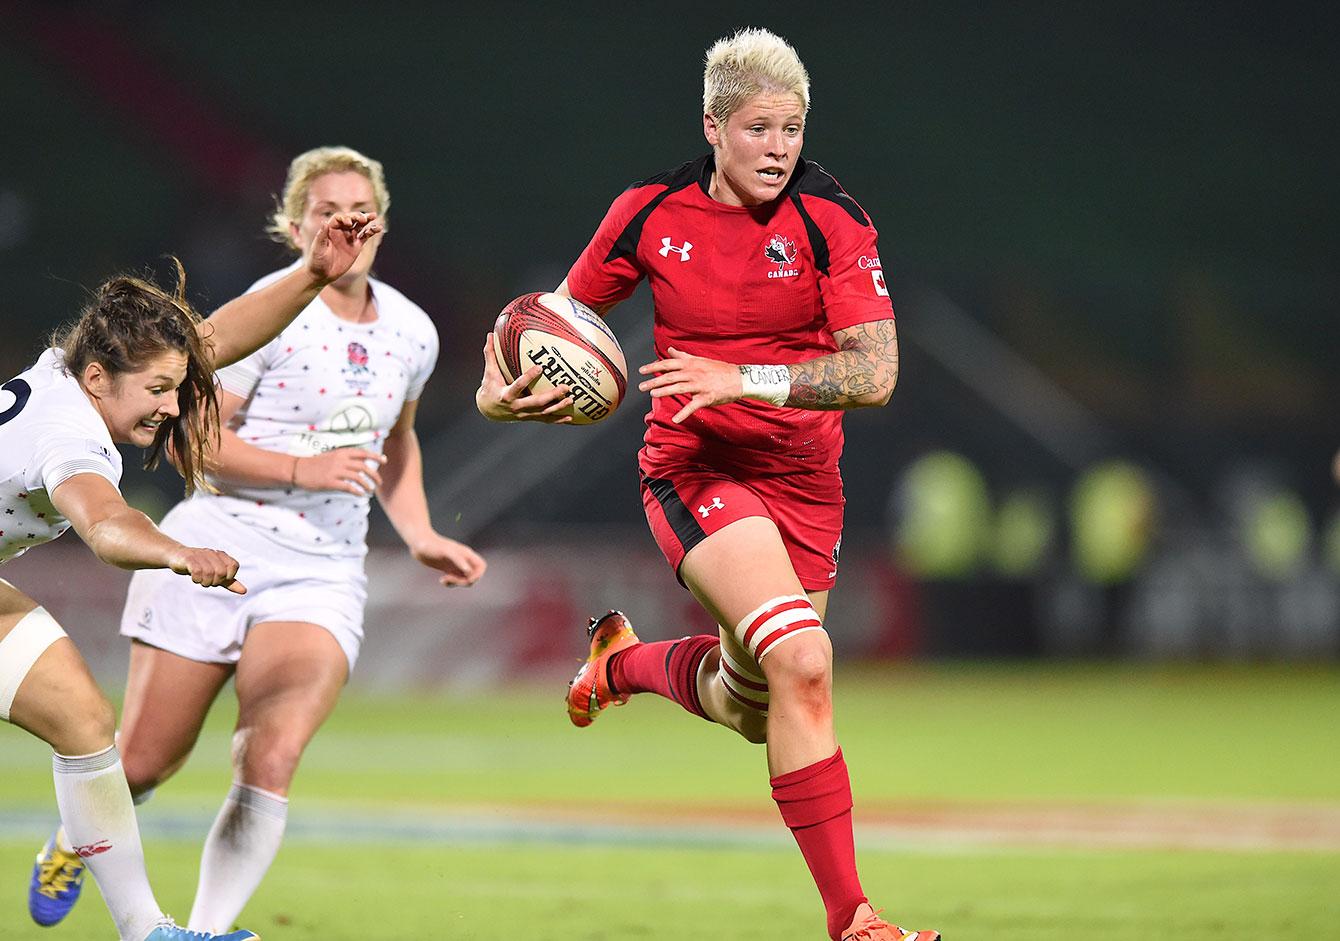 Jen Kish, capitaine de l'équipe féminine de rugby à sept